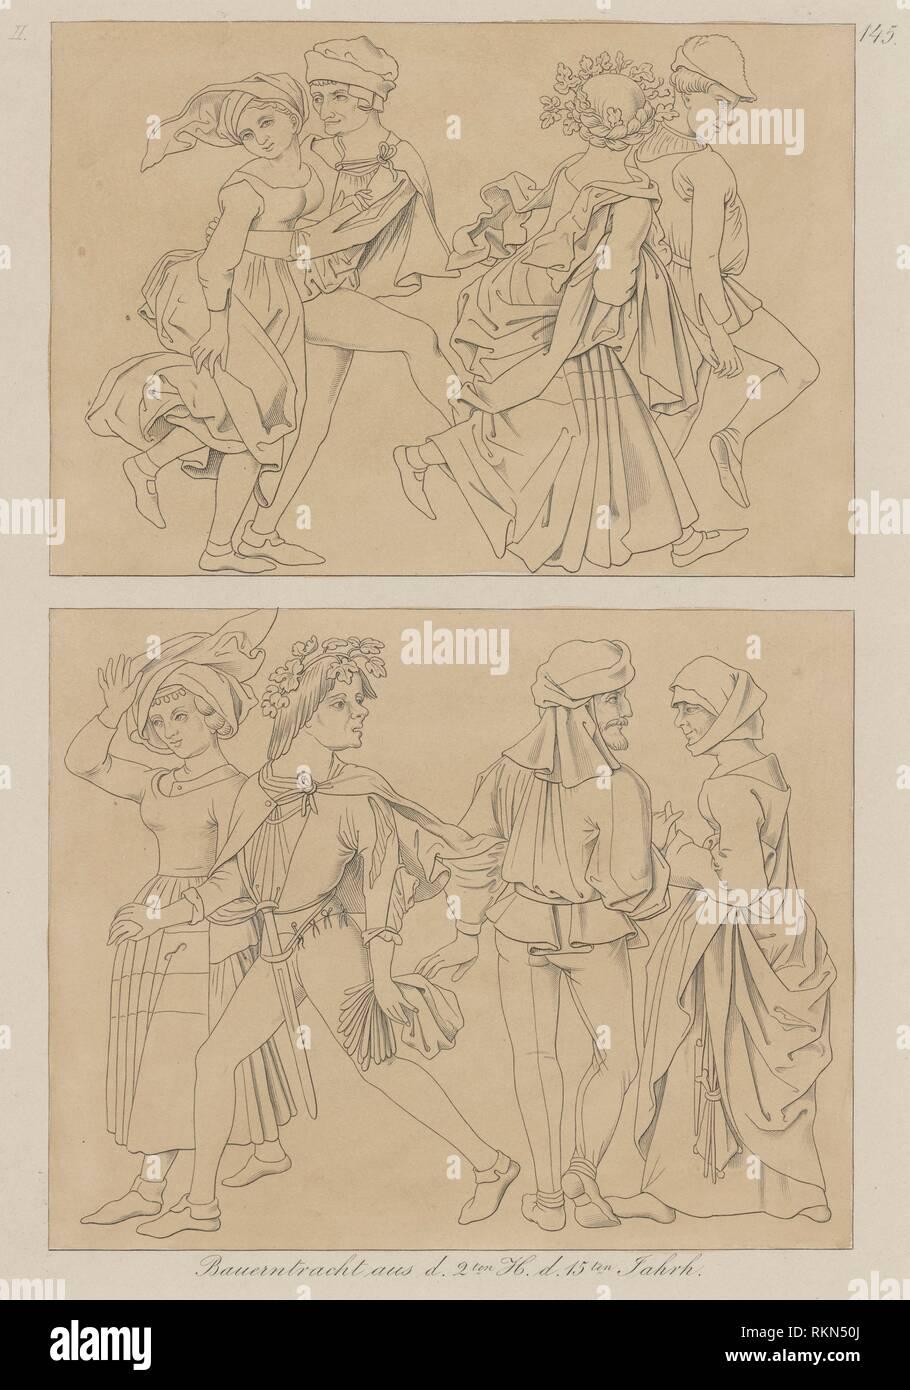 Bauerntracht aus d. 2dieci H. d. 15dieci Jahrh. Stampe raffiguranti soggetti di danza. Data di pubblicazione: 1800 - 1899 (discutibile). Abbigliamento e abiti - Europa - Immagini Stock